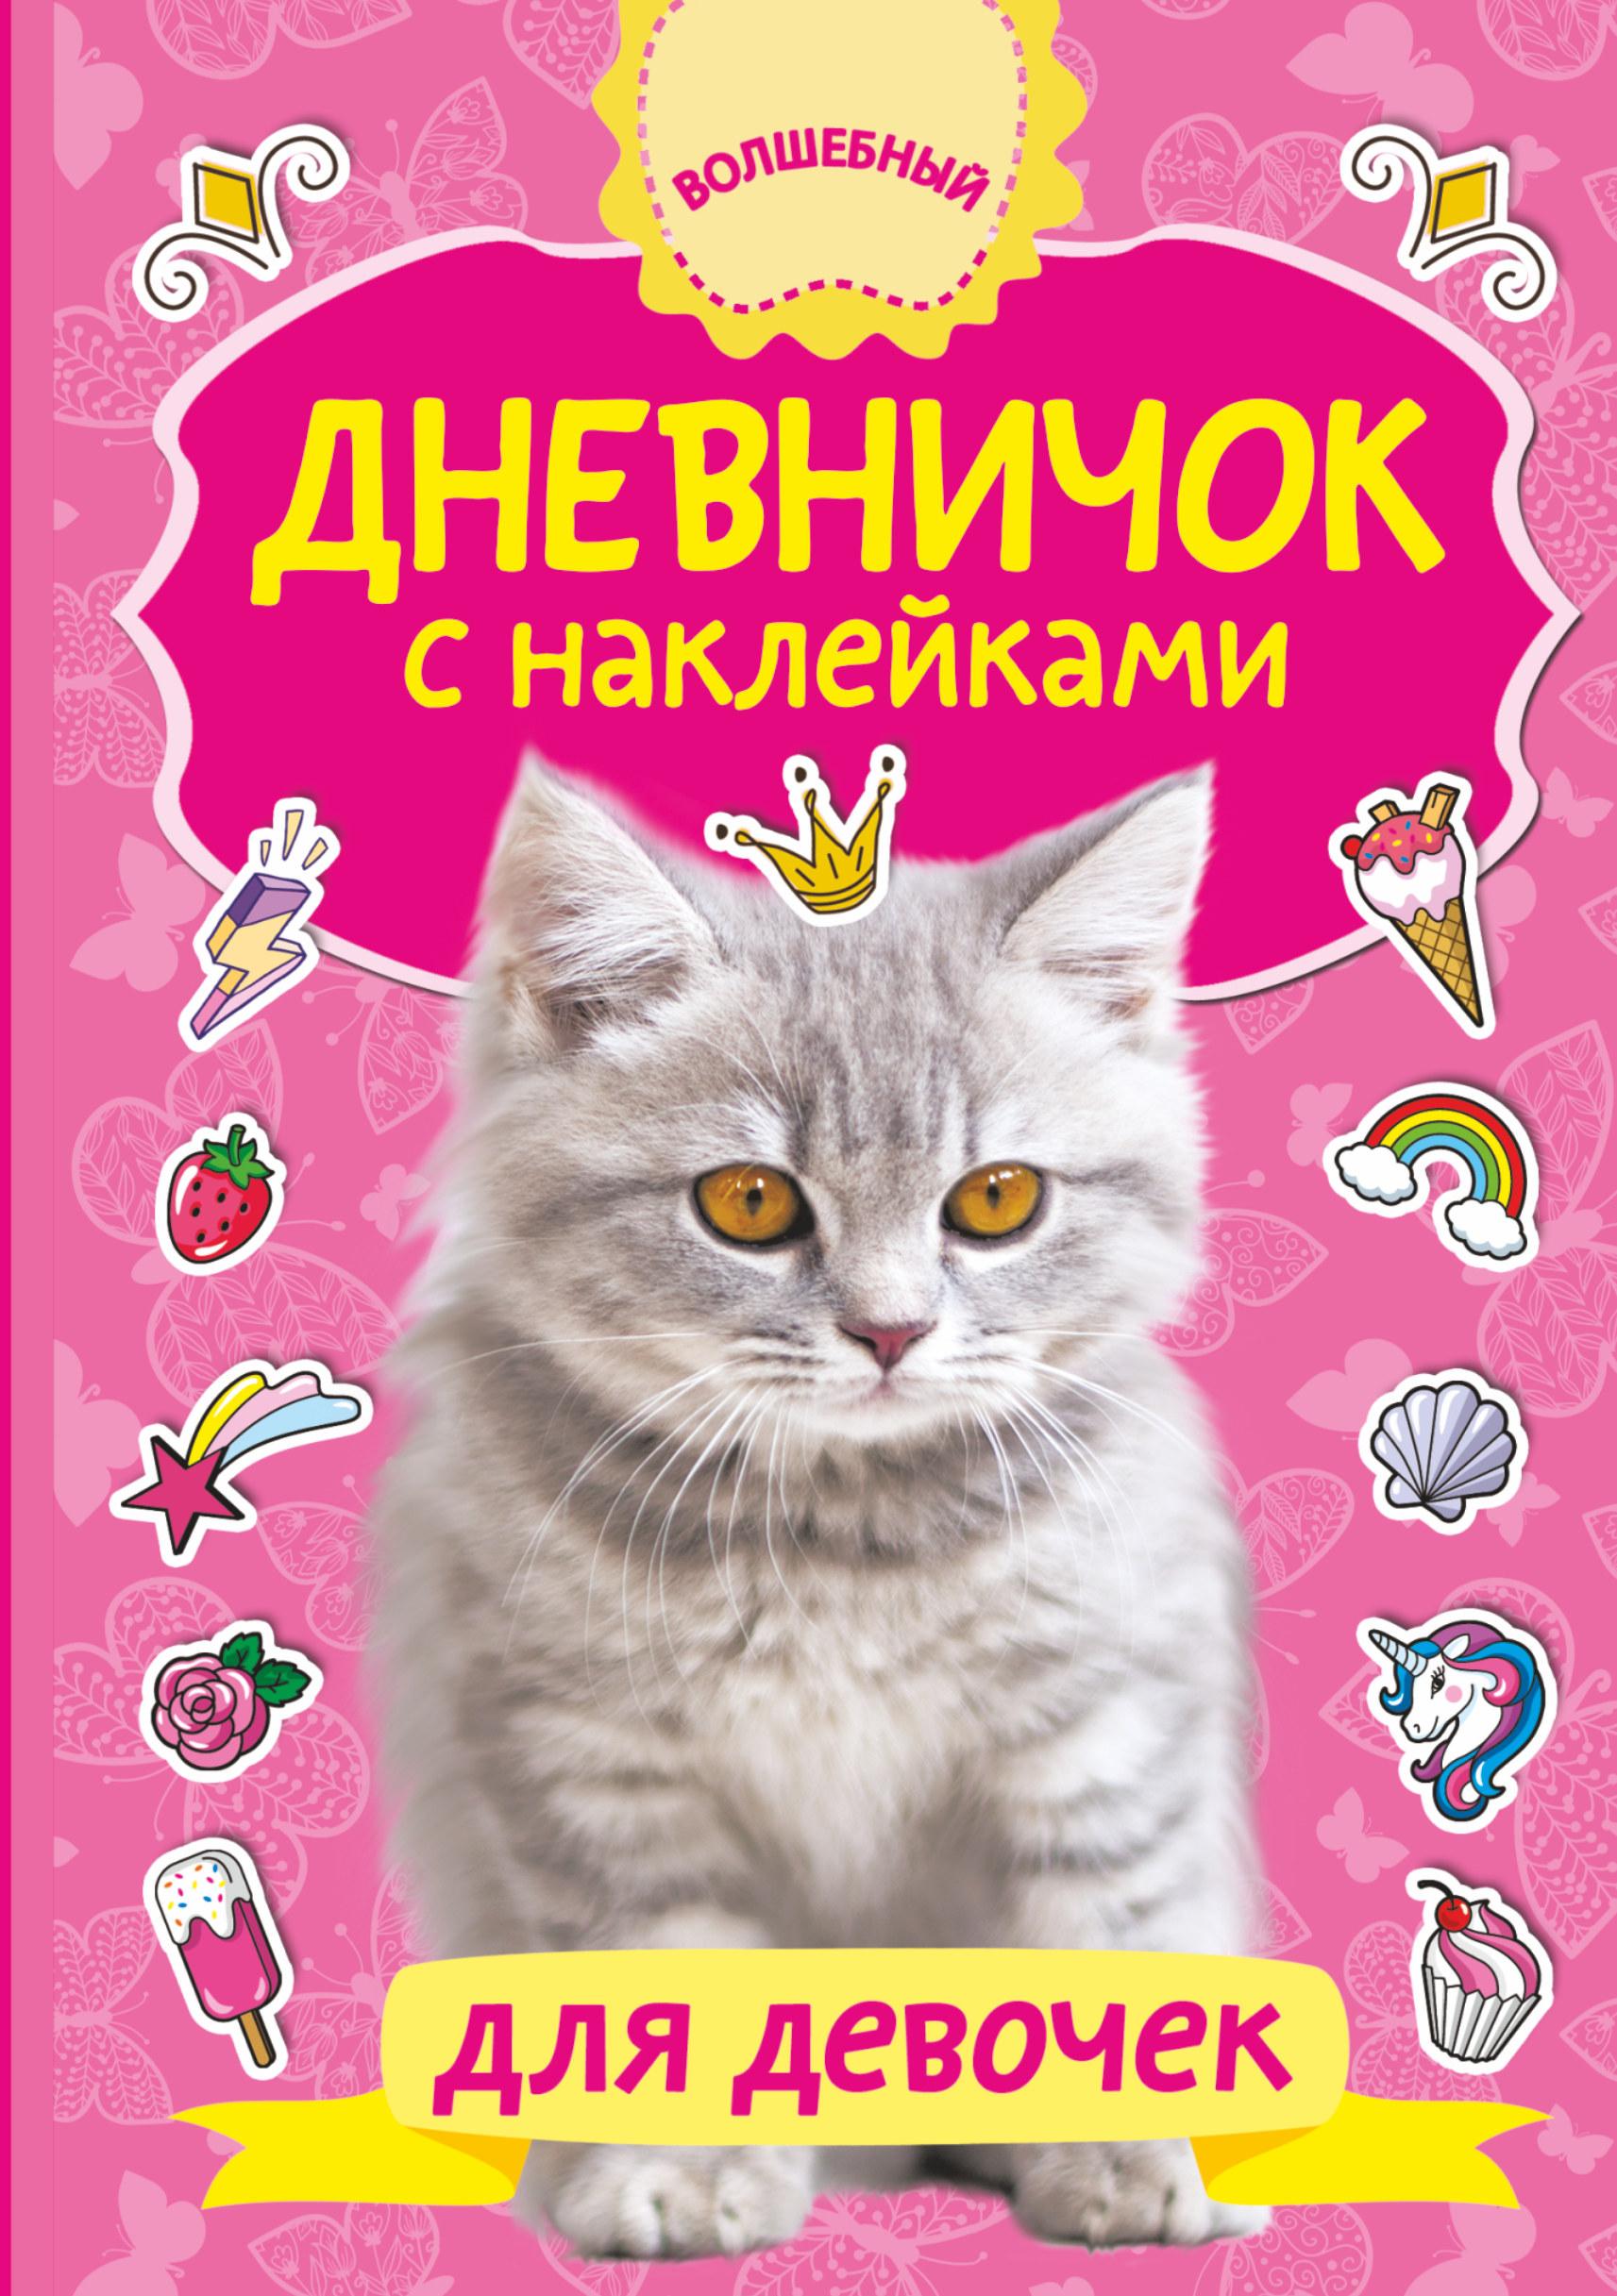 Дневничок с наклейками для девочки дневничок учащегося с наклейками